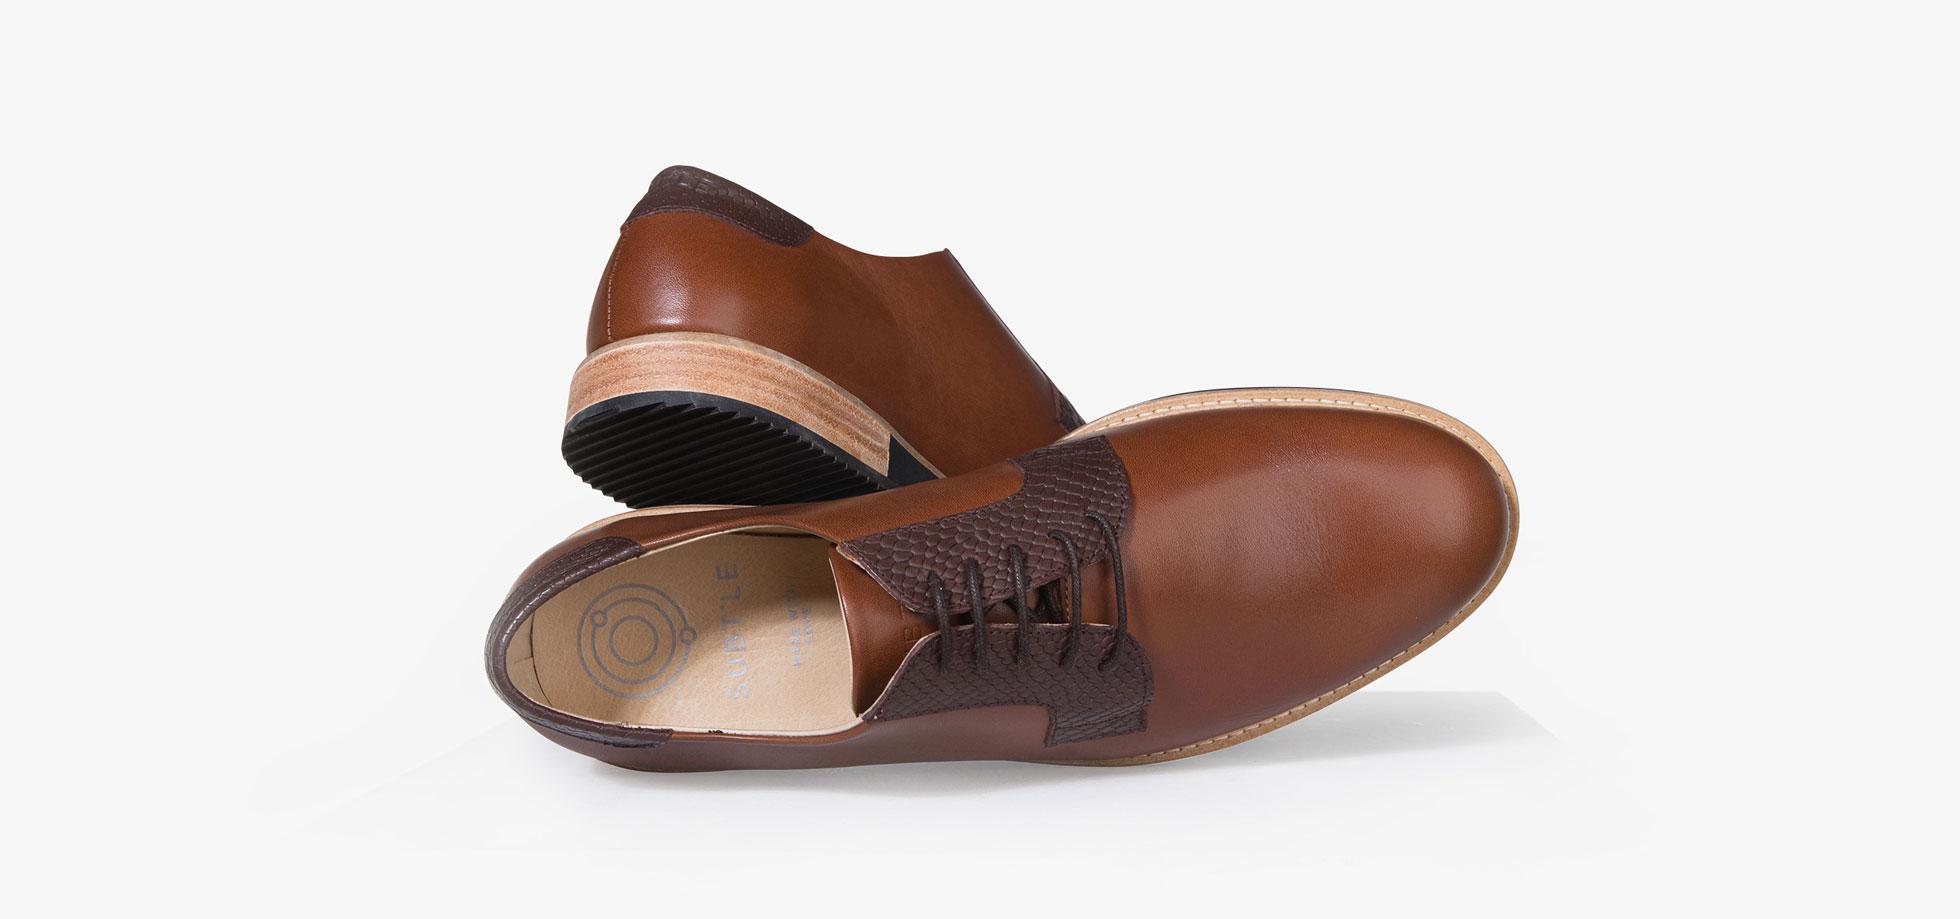 chaussure derby homme camel 2 1 subtle shoes. Black Bedroom Furniture Sets. Home Design Ideas